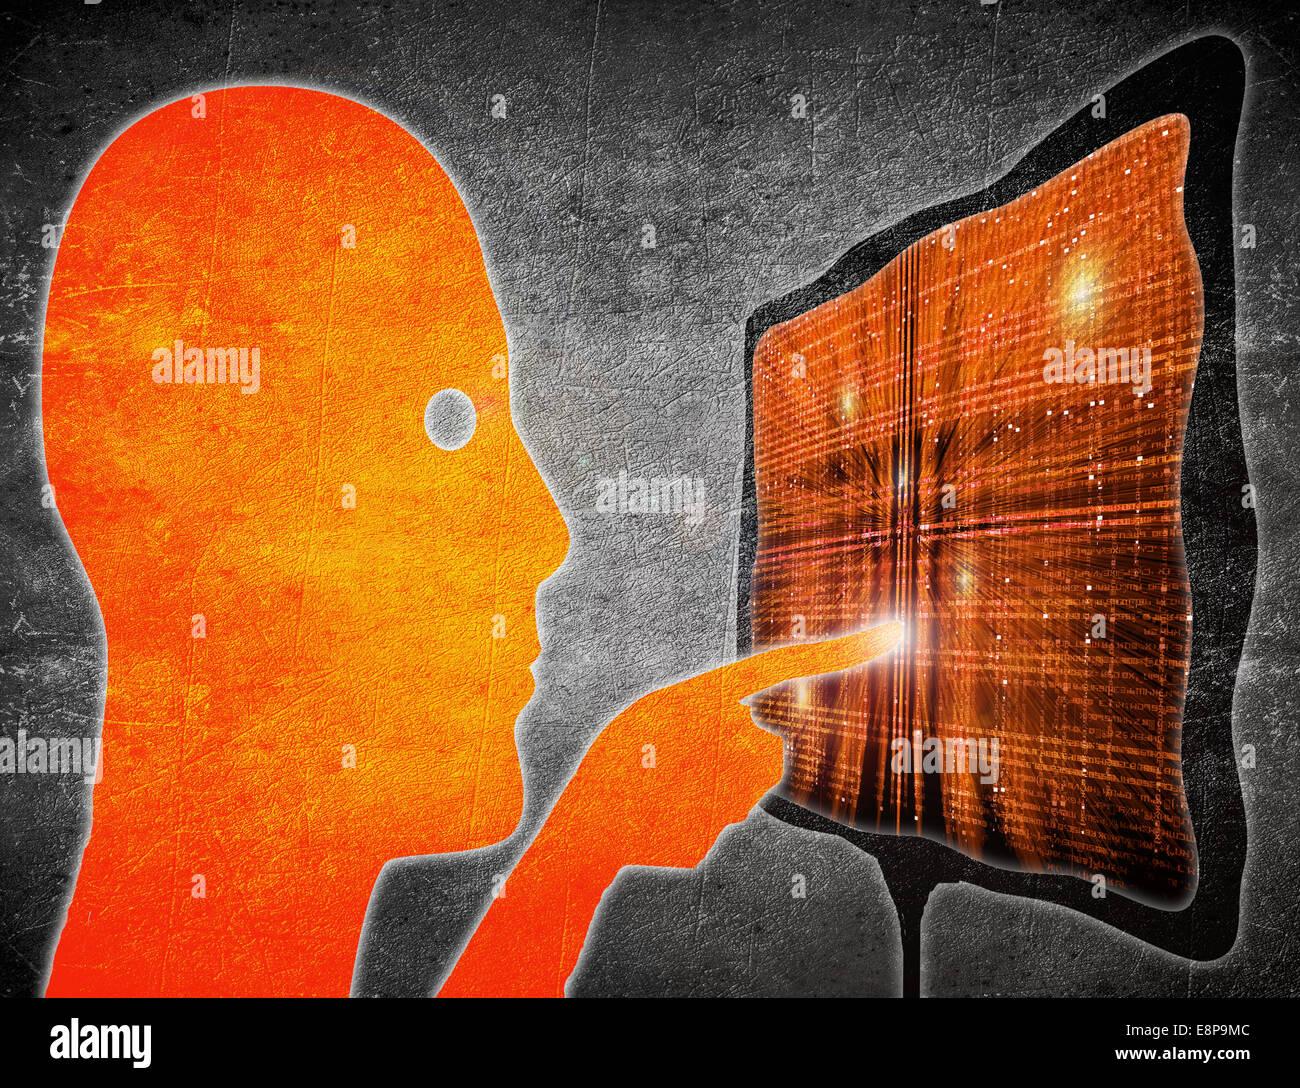 Uomo di toccare il touchscreen di arancione e nero illustrazione digitale Immagini Stock